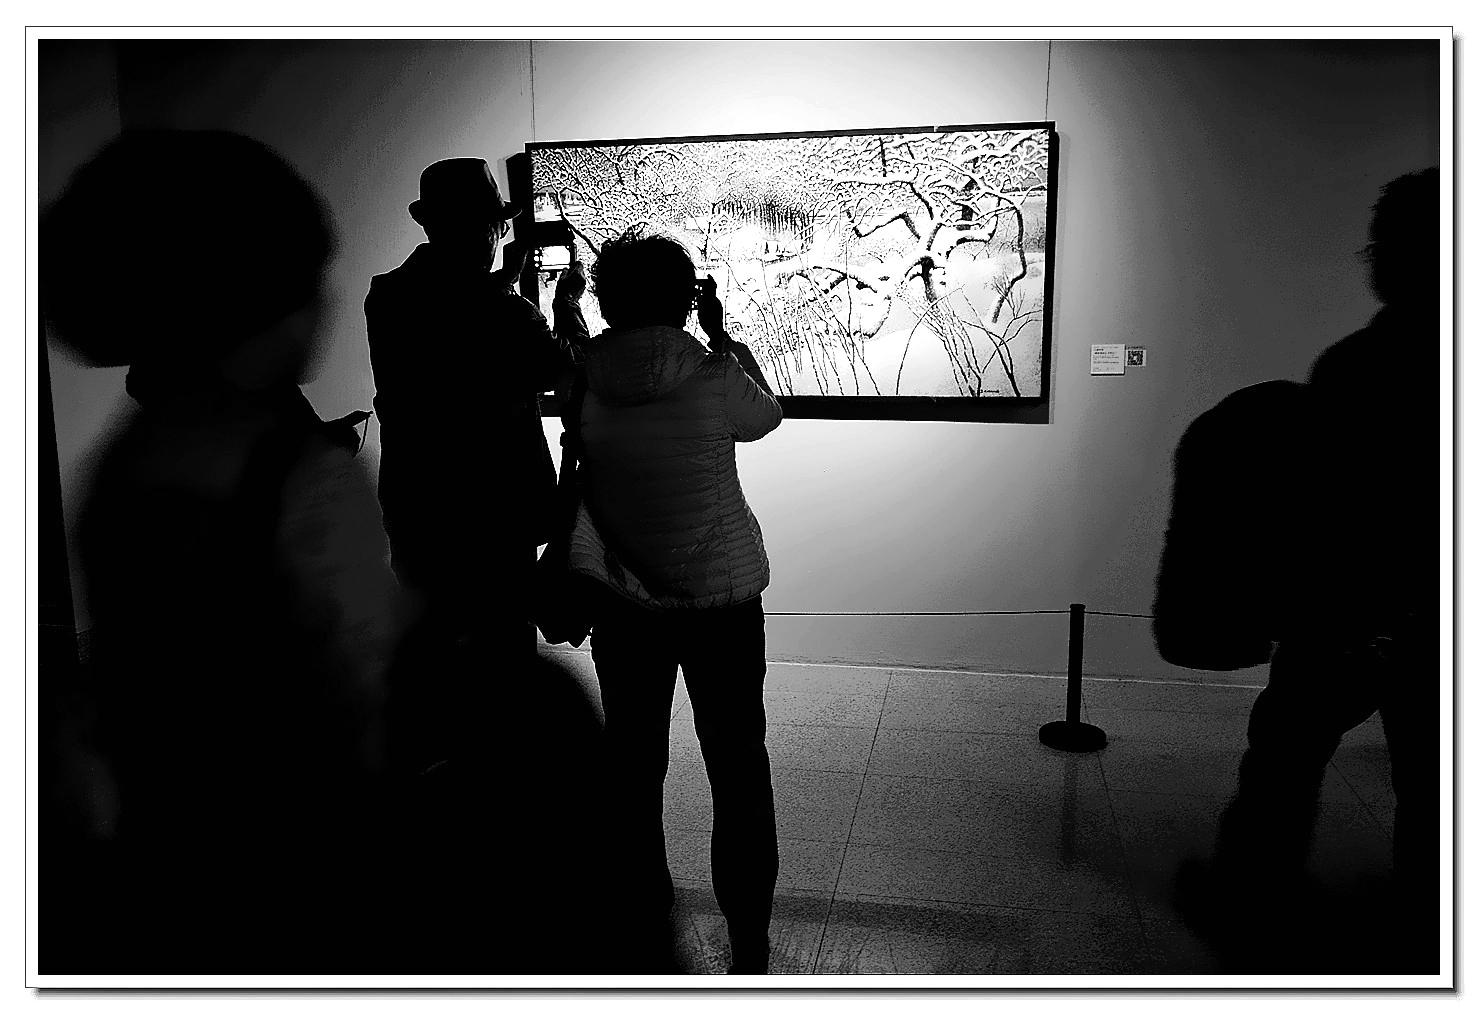 老张喜爱摄影作品:美术馆里的光与影